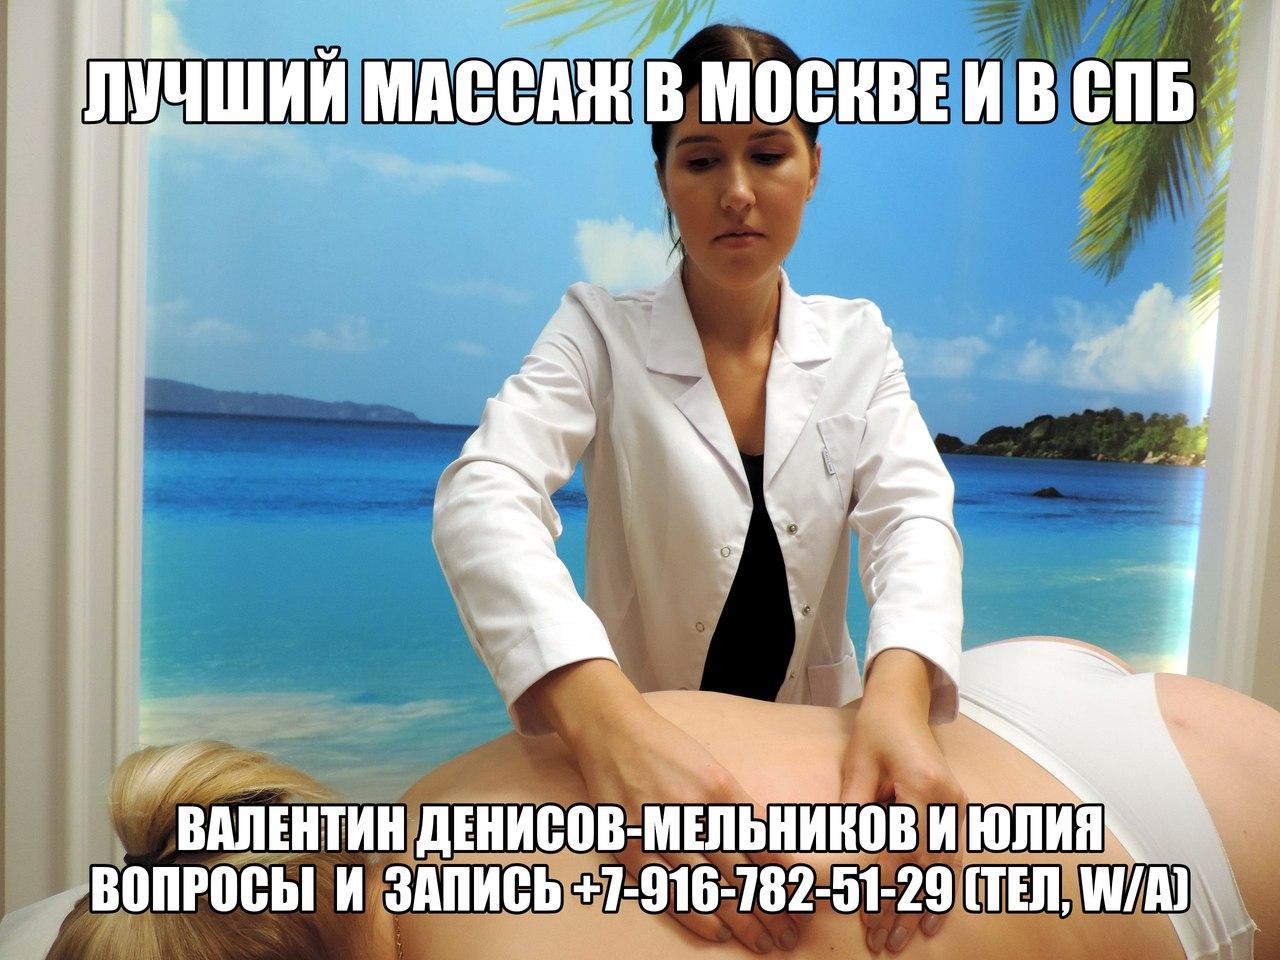 v-kontakte-zhenshini-moyutsya-obnazhayut-svoi-siski-i-genitalii-masturbiruet